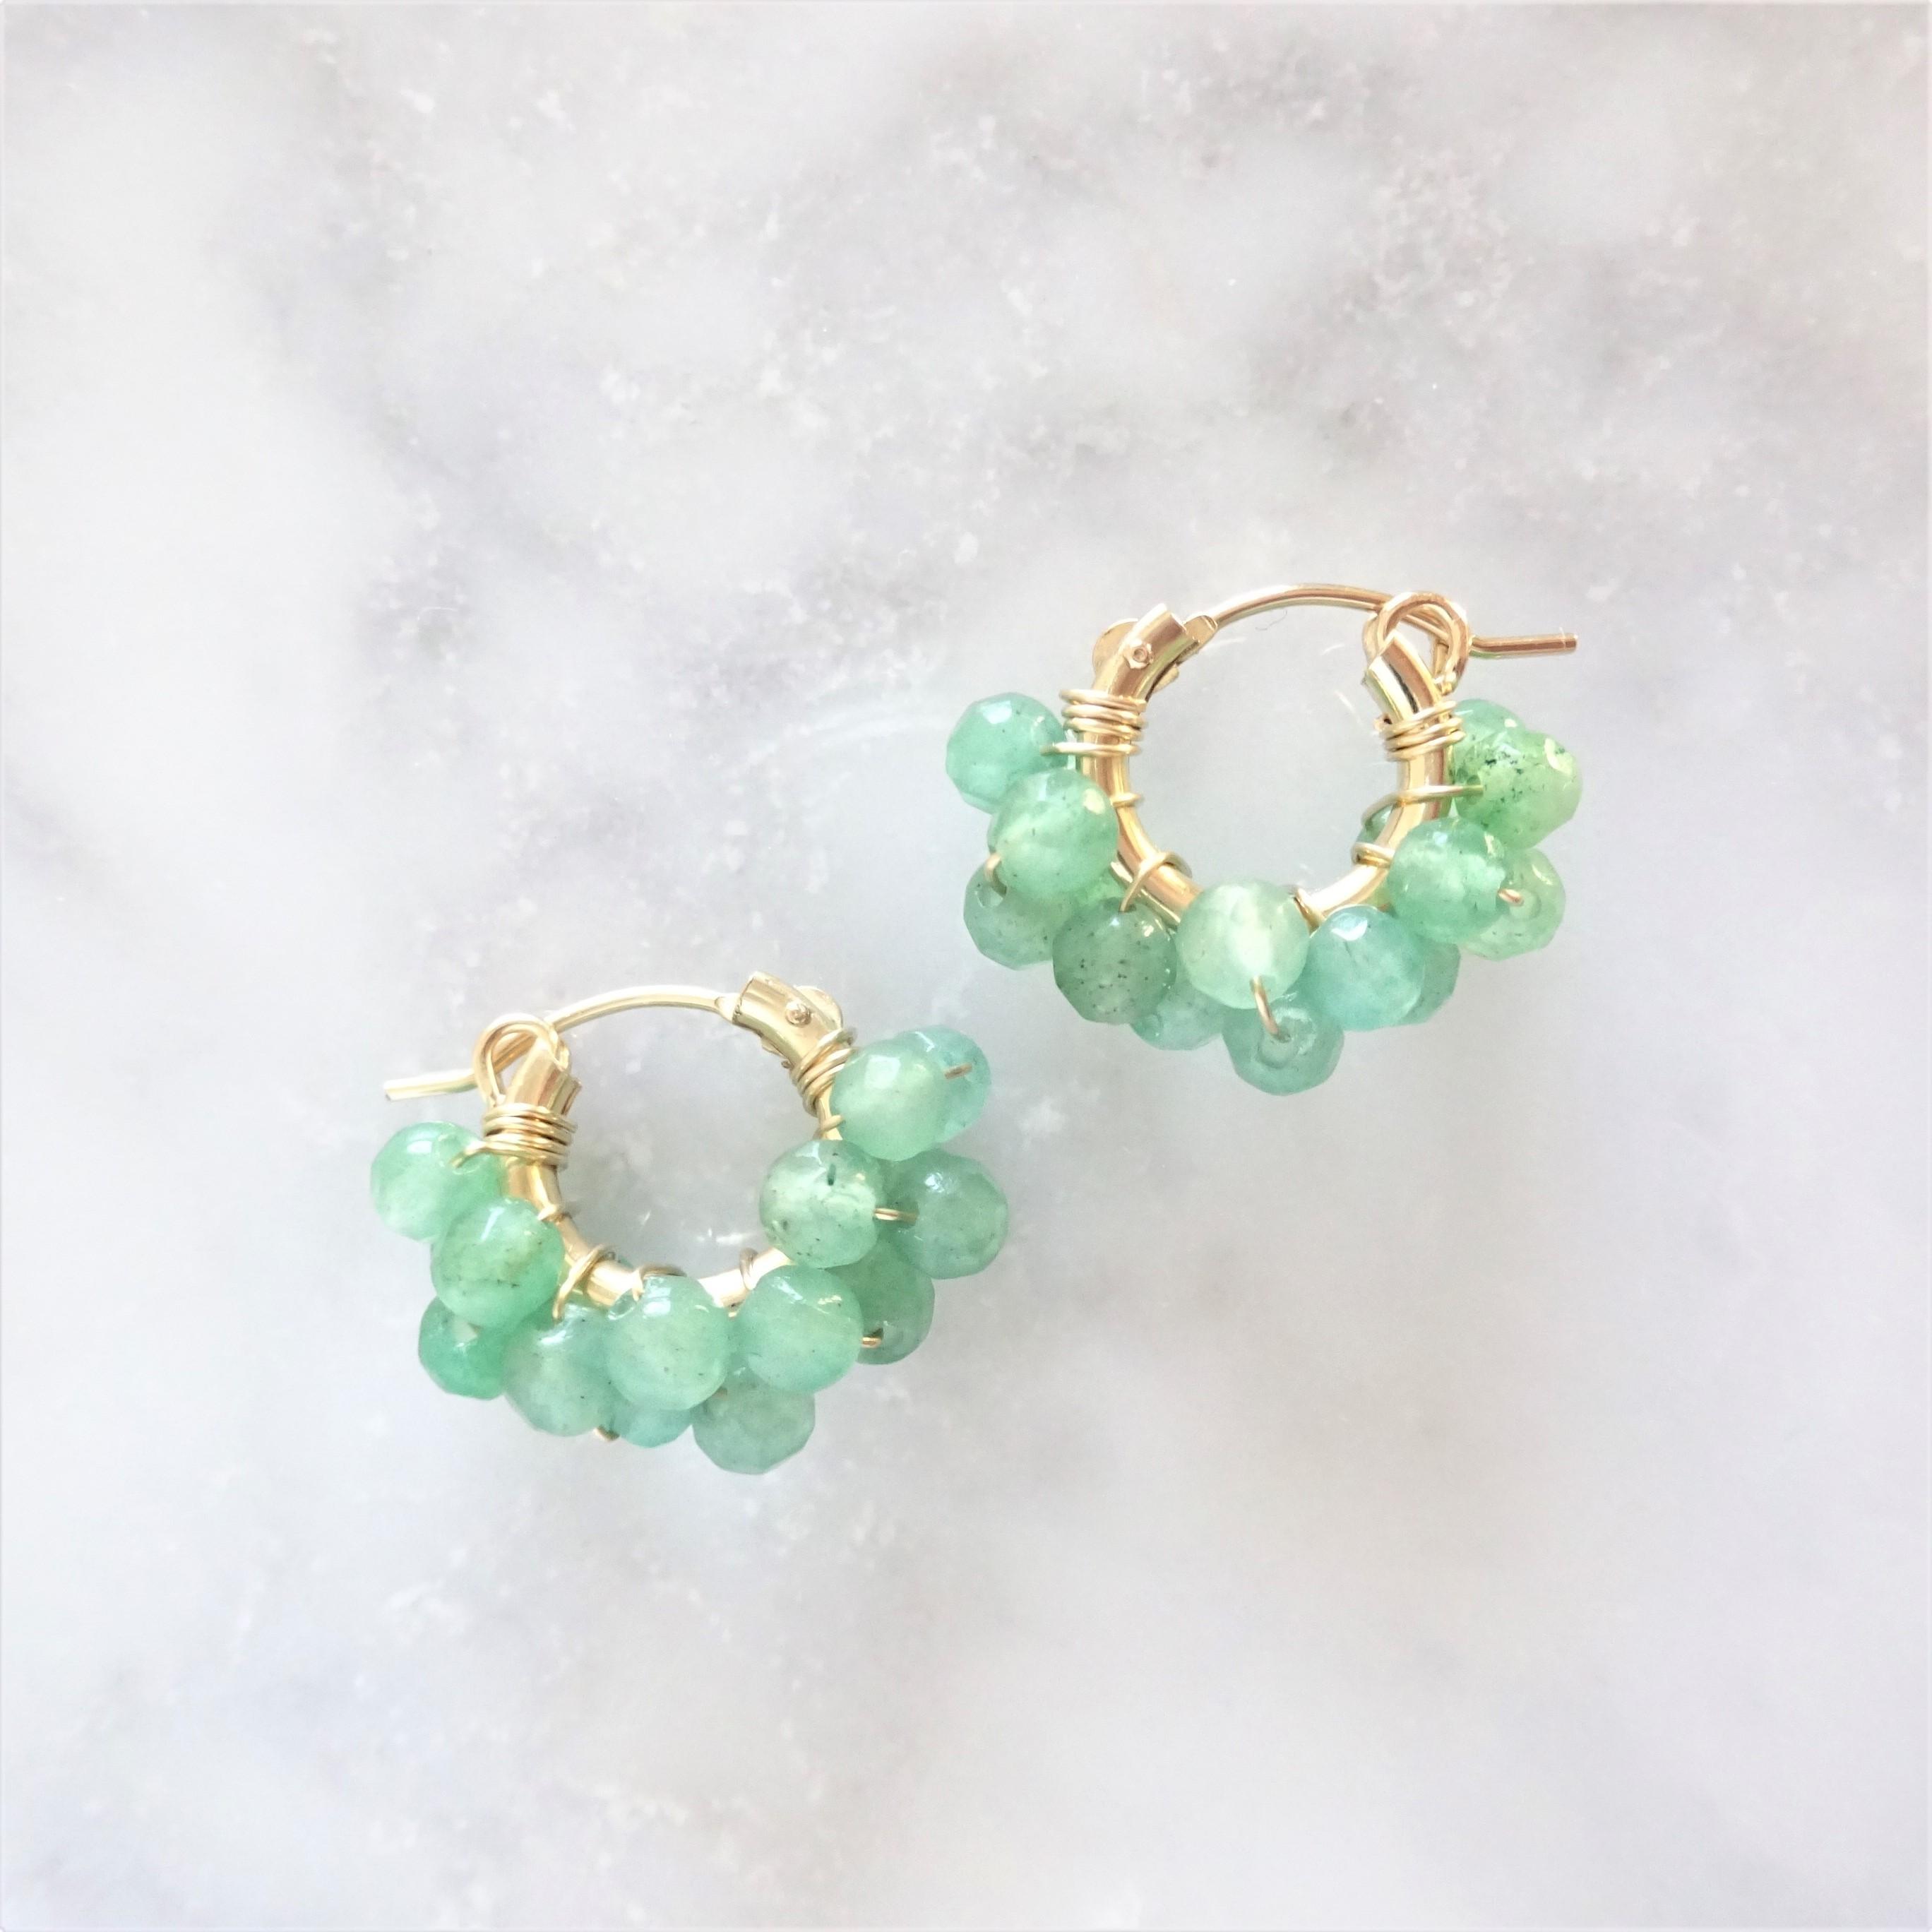 14kgf*Green Aventurine wrapped hoop pierced earring / earring